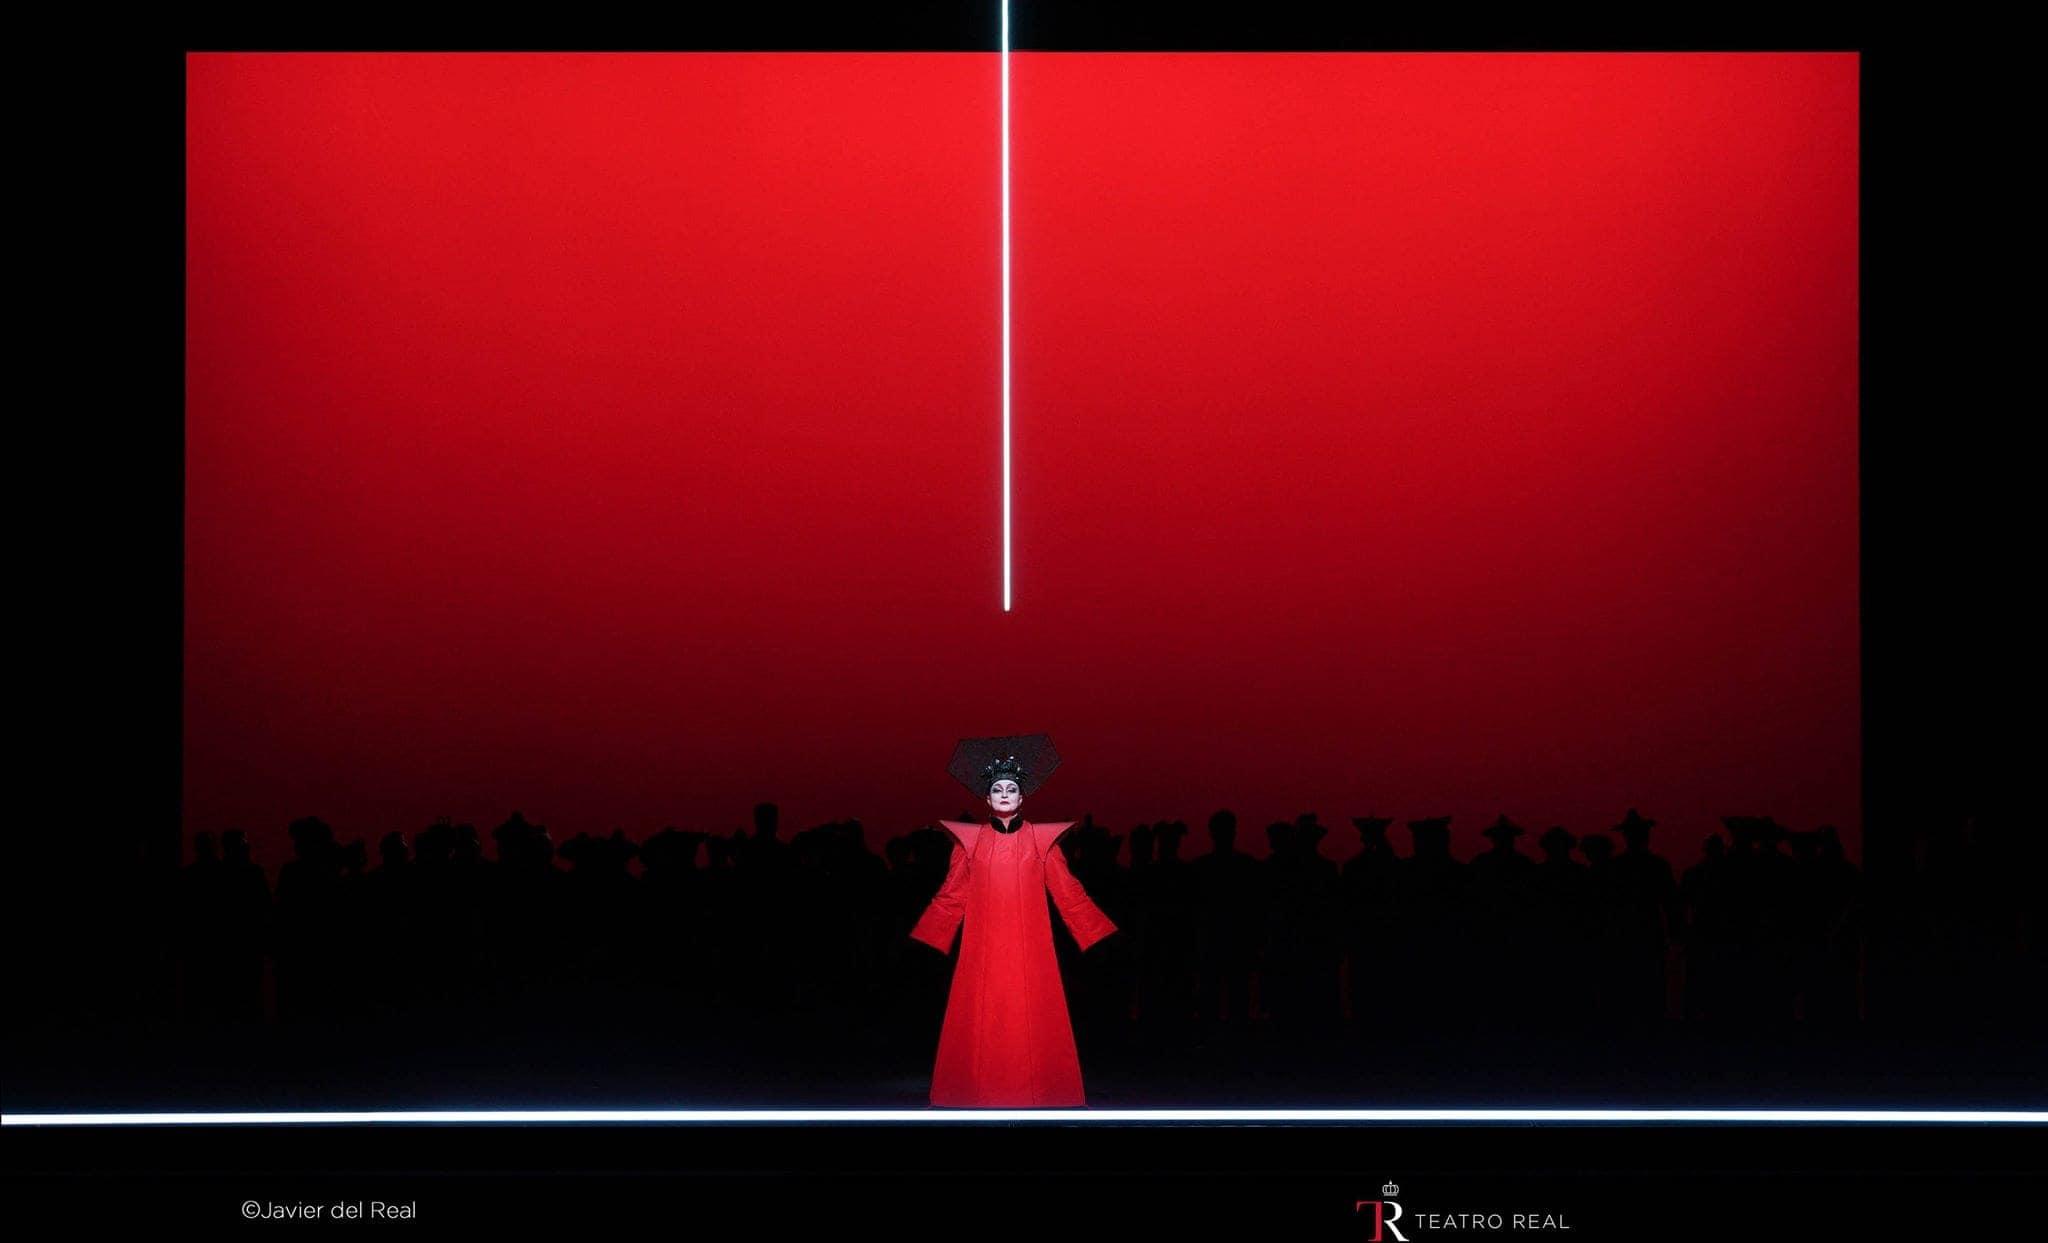 """""""Турандот"""" в постановке Боба Уилсона. Фото - Мадридский королевский оперный театр"""